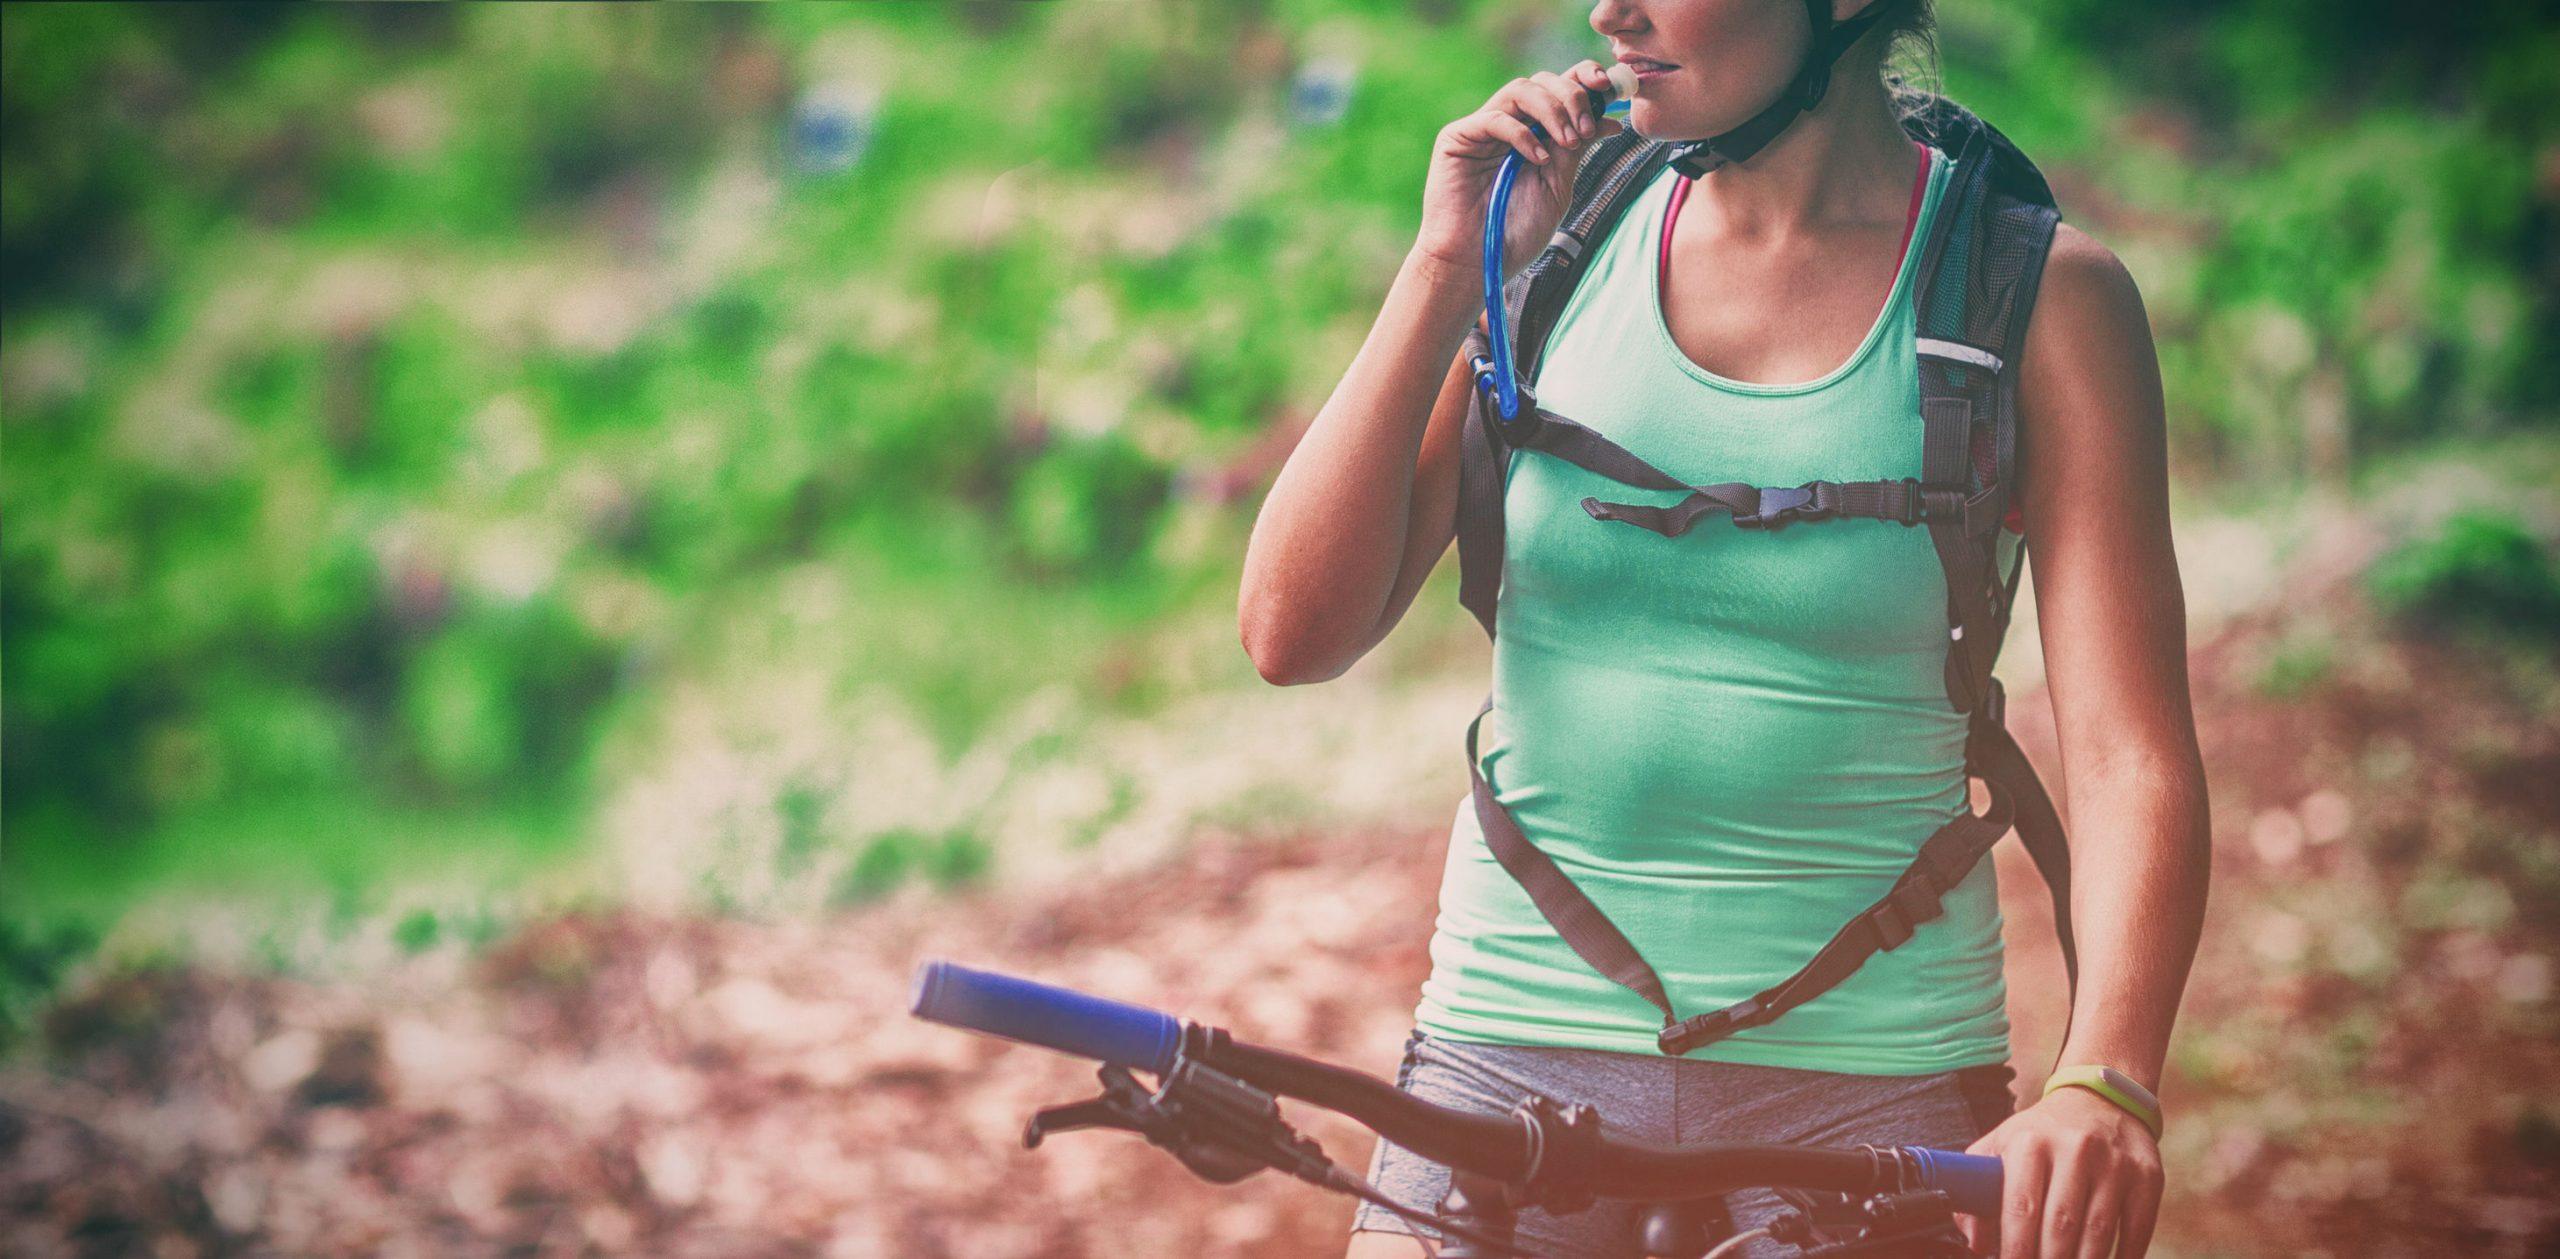 Imagem de mulher andando de bicicleta e bebendo água de uma mochila de hidratação